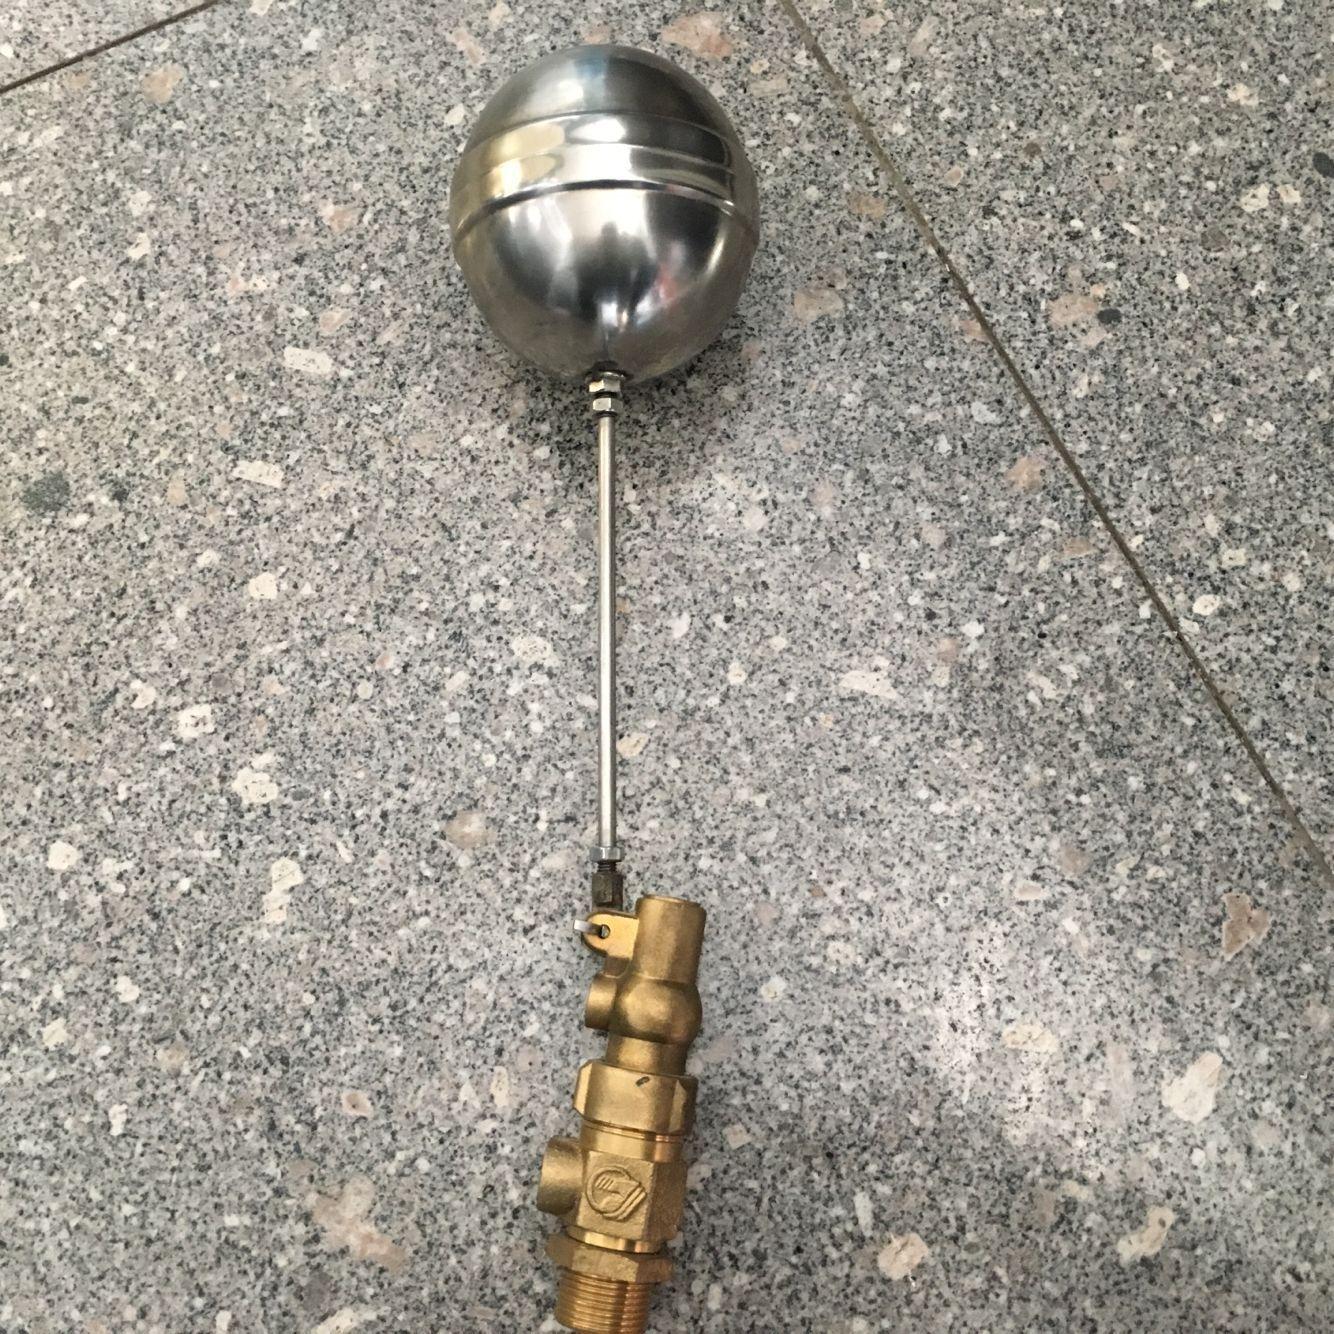 杰克龙黄铜调节浮球阀 水箱专用 4分6分液压浮球阀 正品保.图片